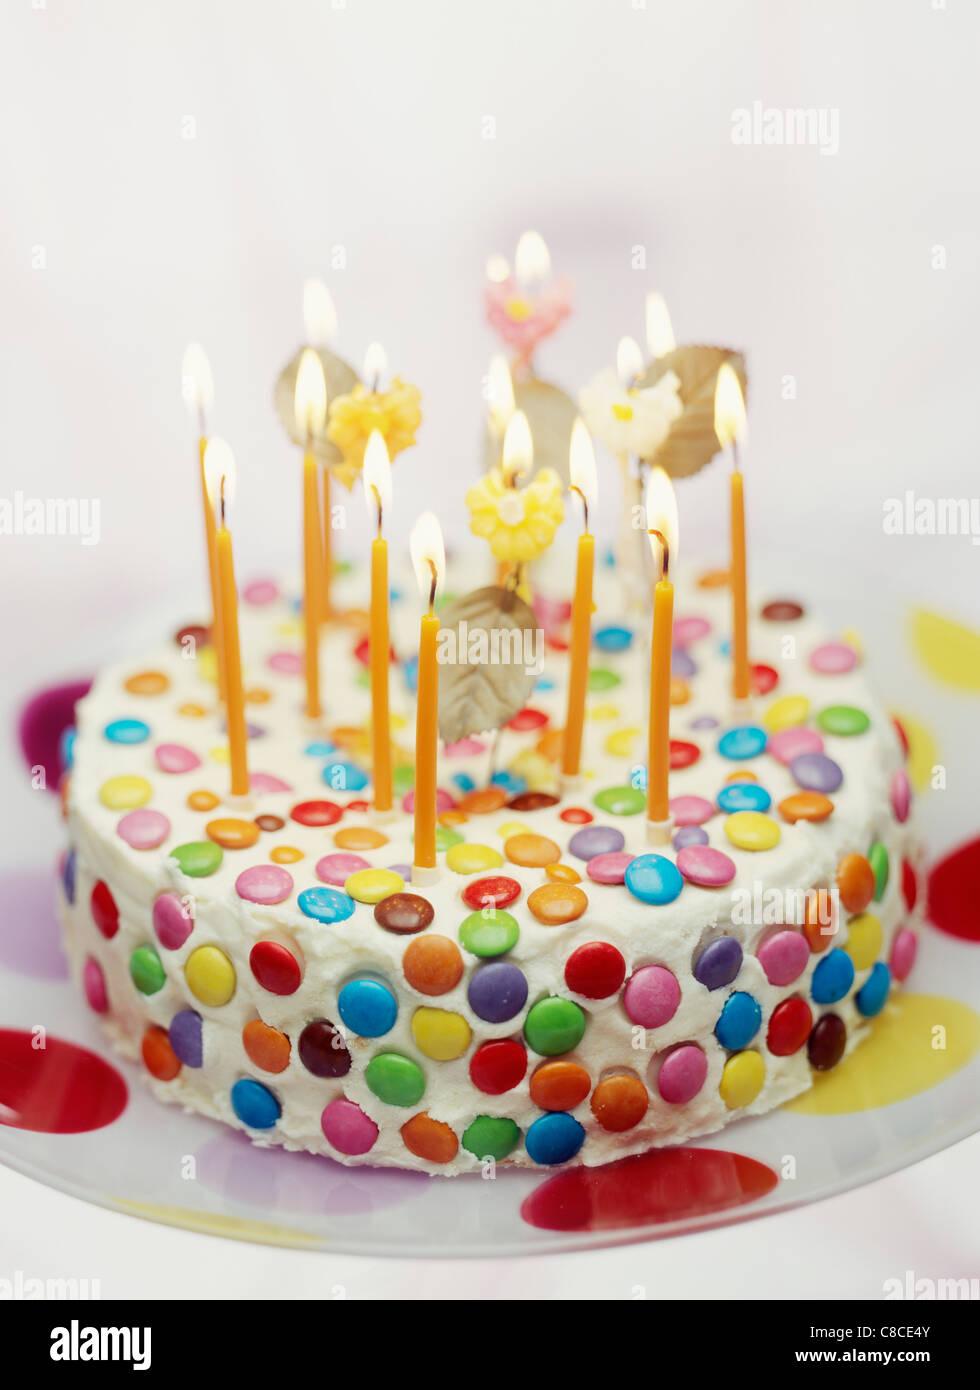 Multicolore torta di compleanno Immagini Stock